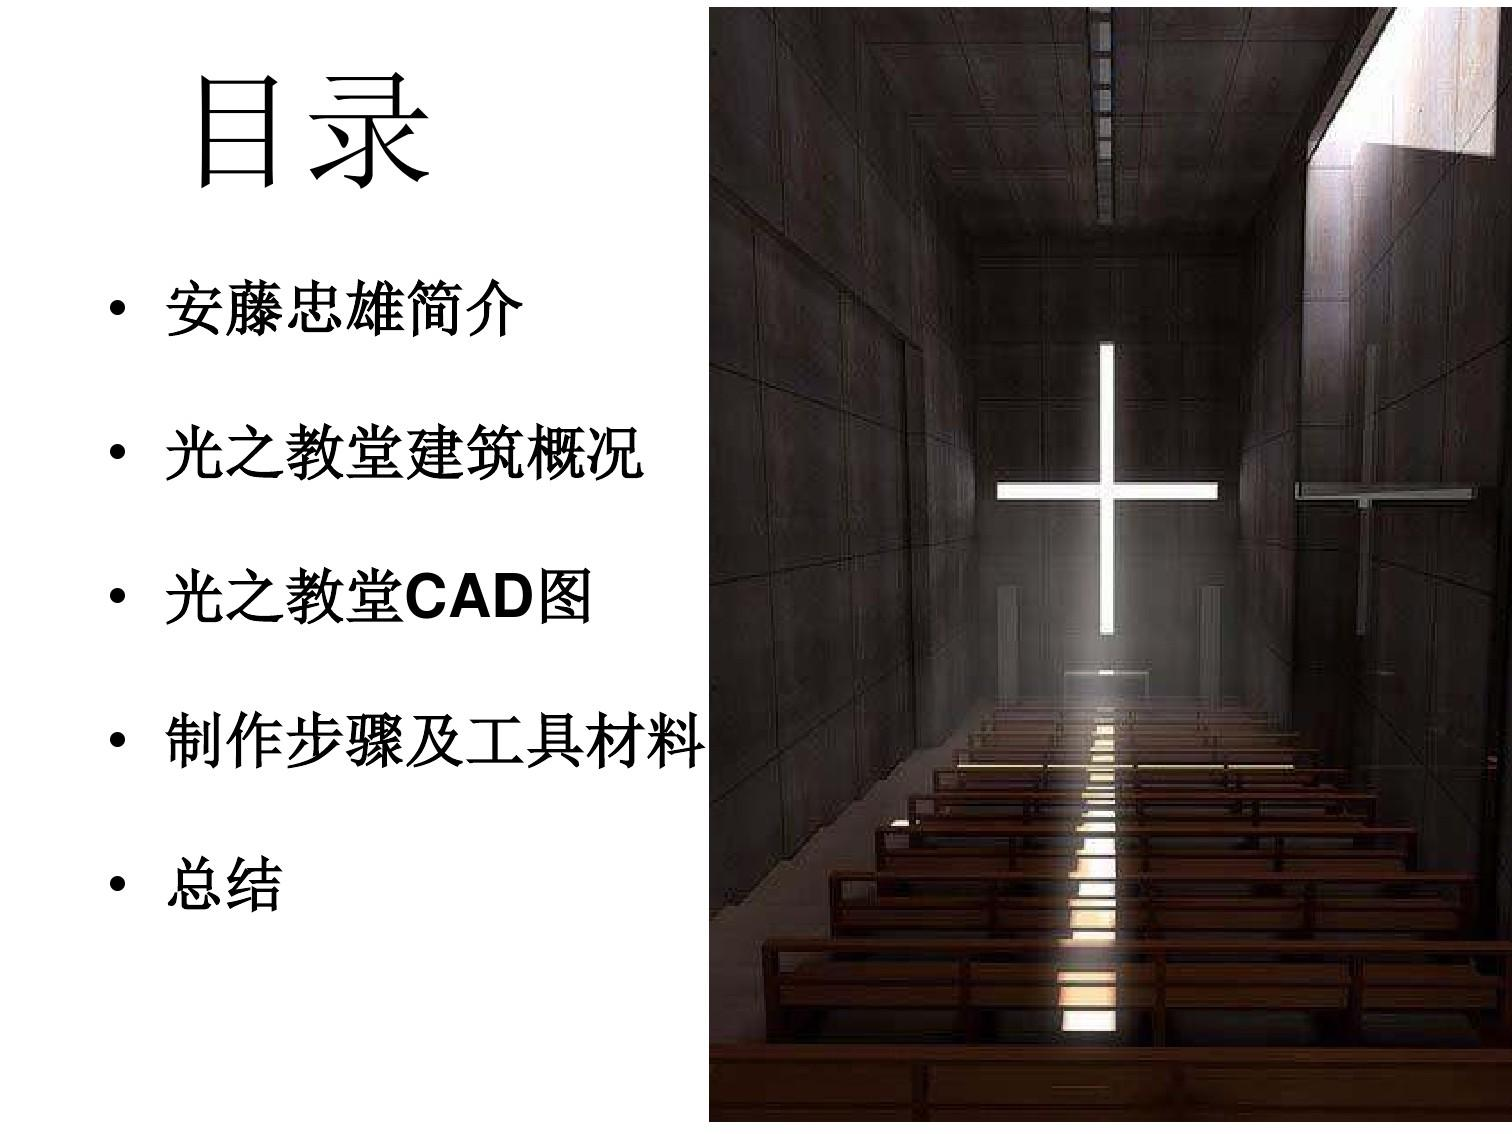 安藤忠雄--光之教堂大师分析ppt